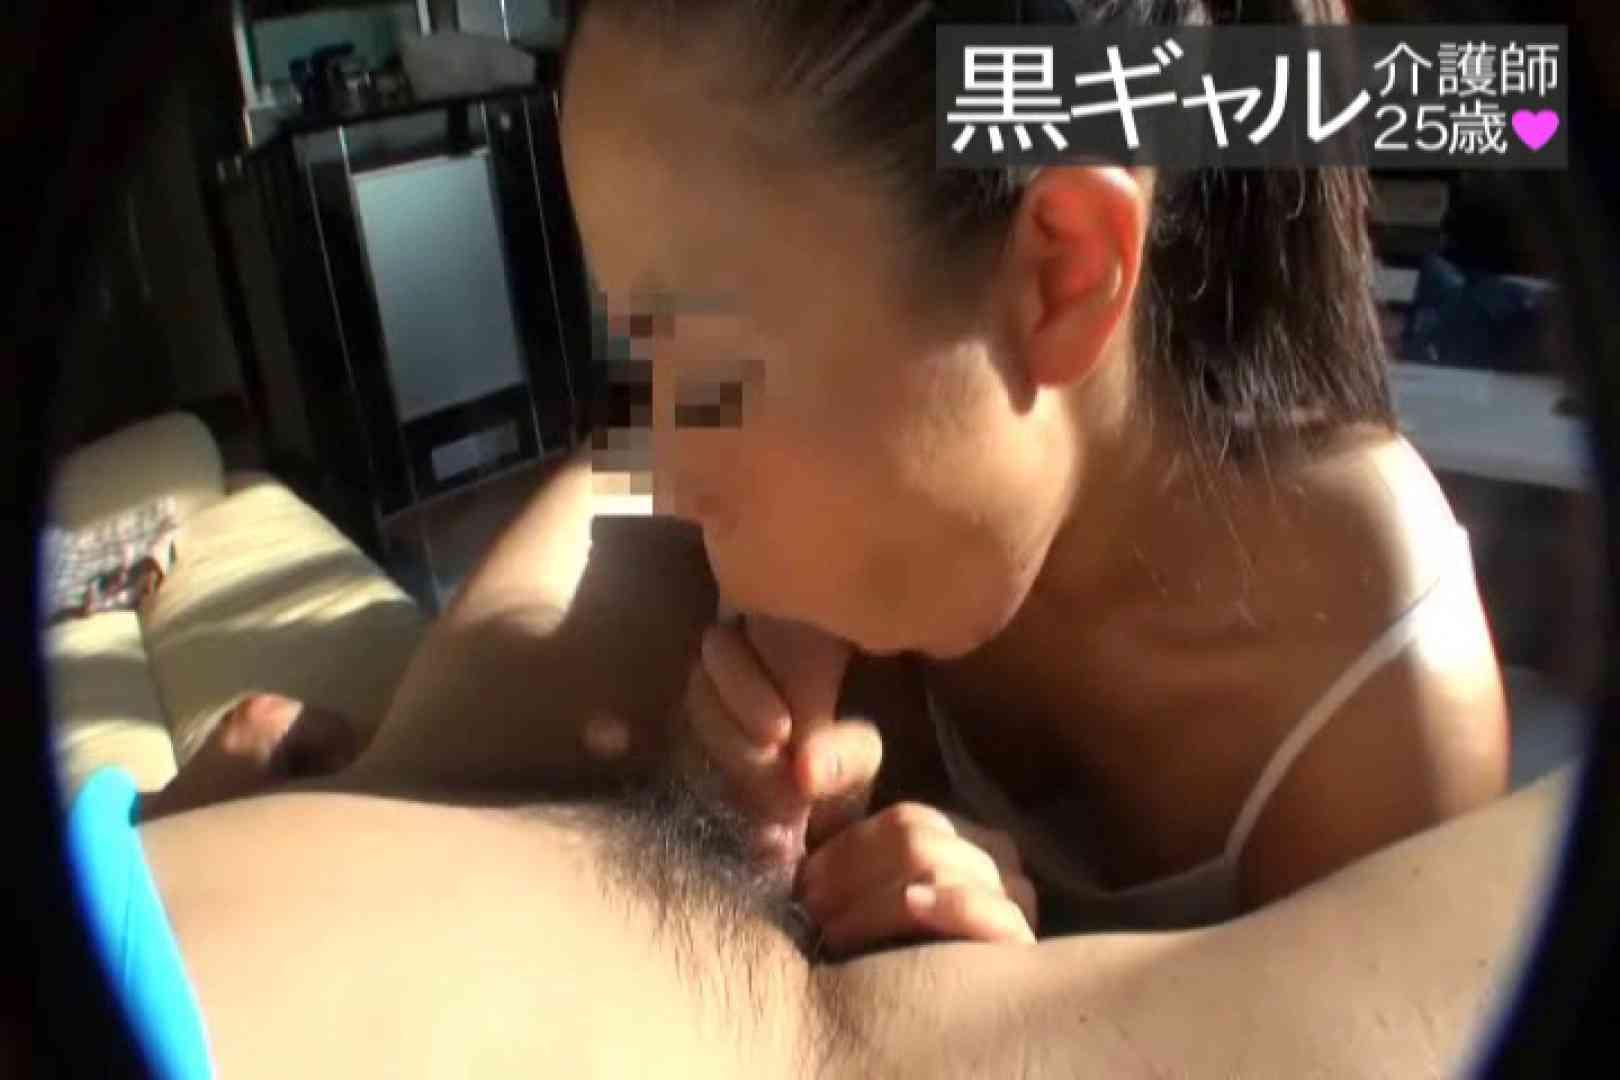 独占入手 従順M黒ギャル介護師25歳vol.6 ギャル達の水着 | シャワー  86画像 30